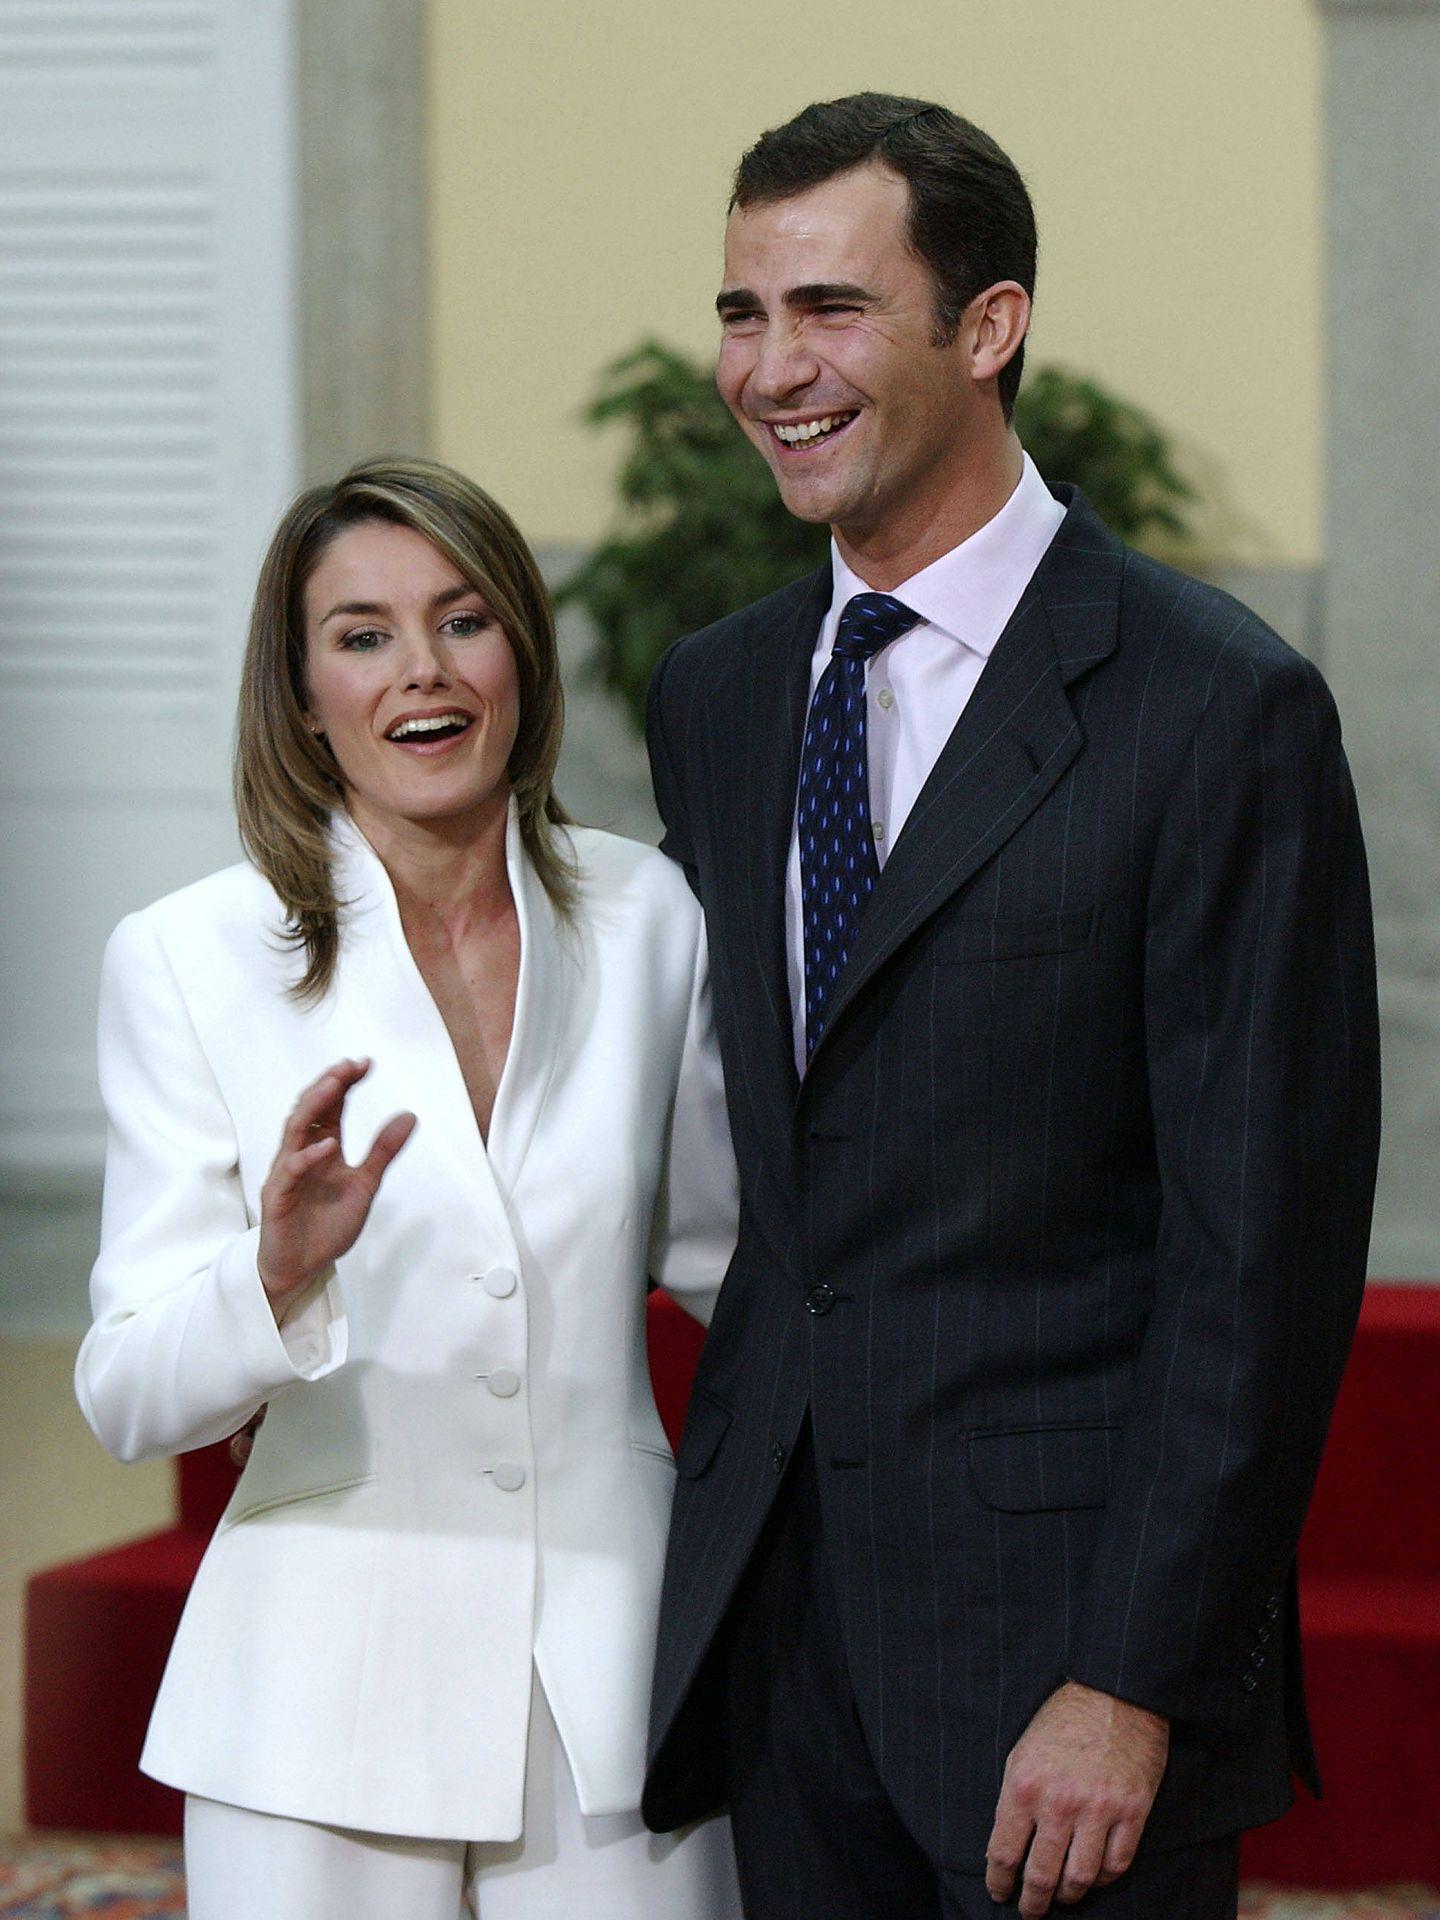 Letizia Ortiz durante el anuncio oficial de su compromiso con don Felipe. (Getty)